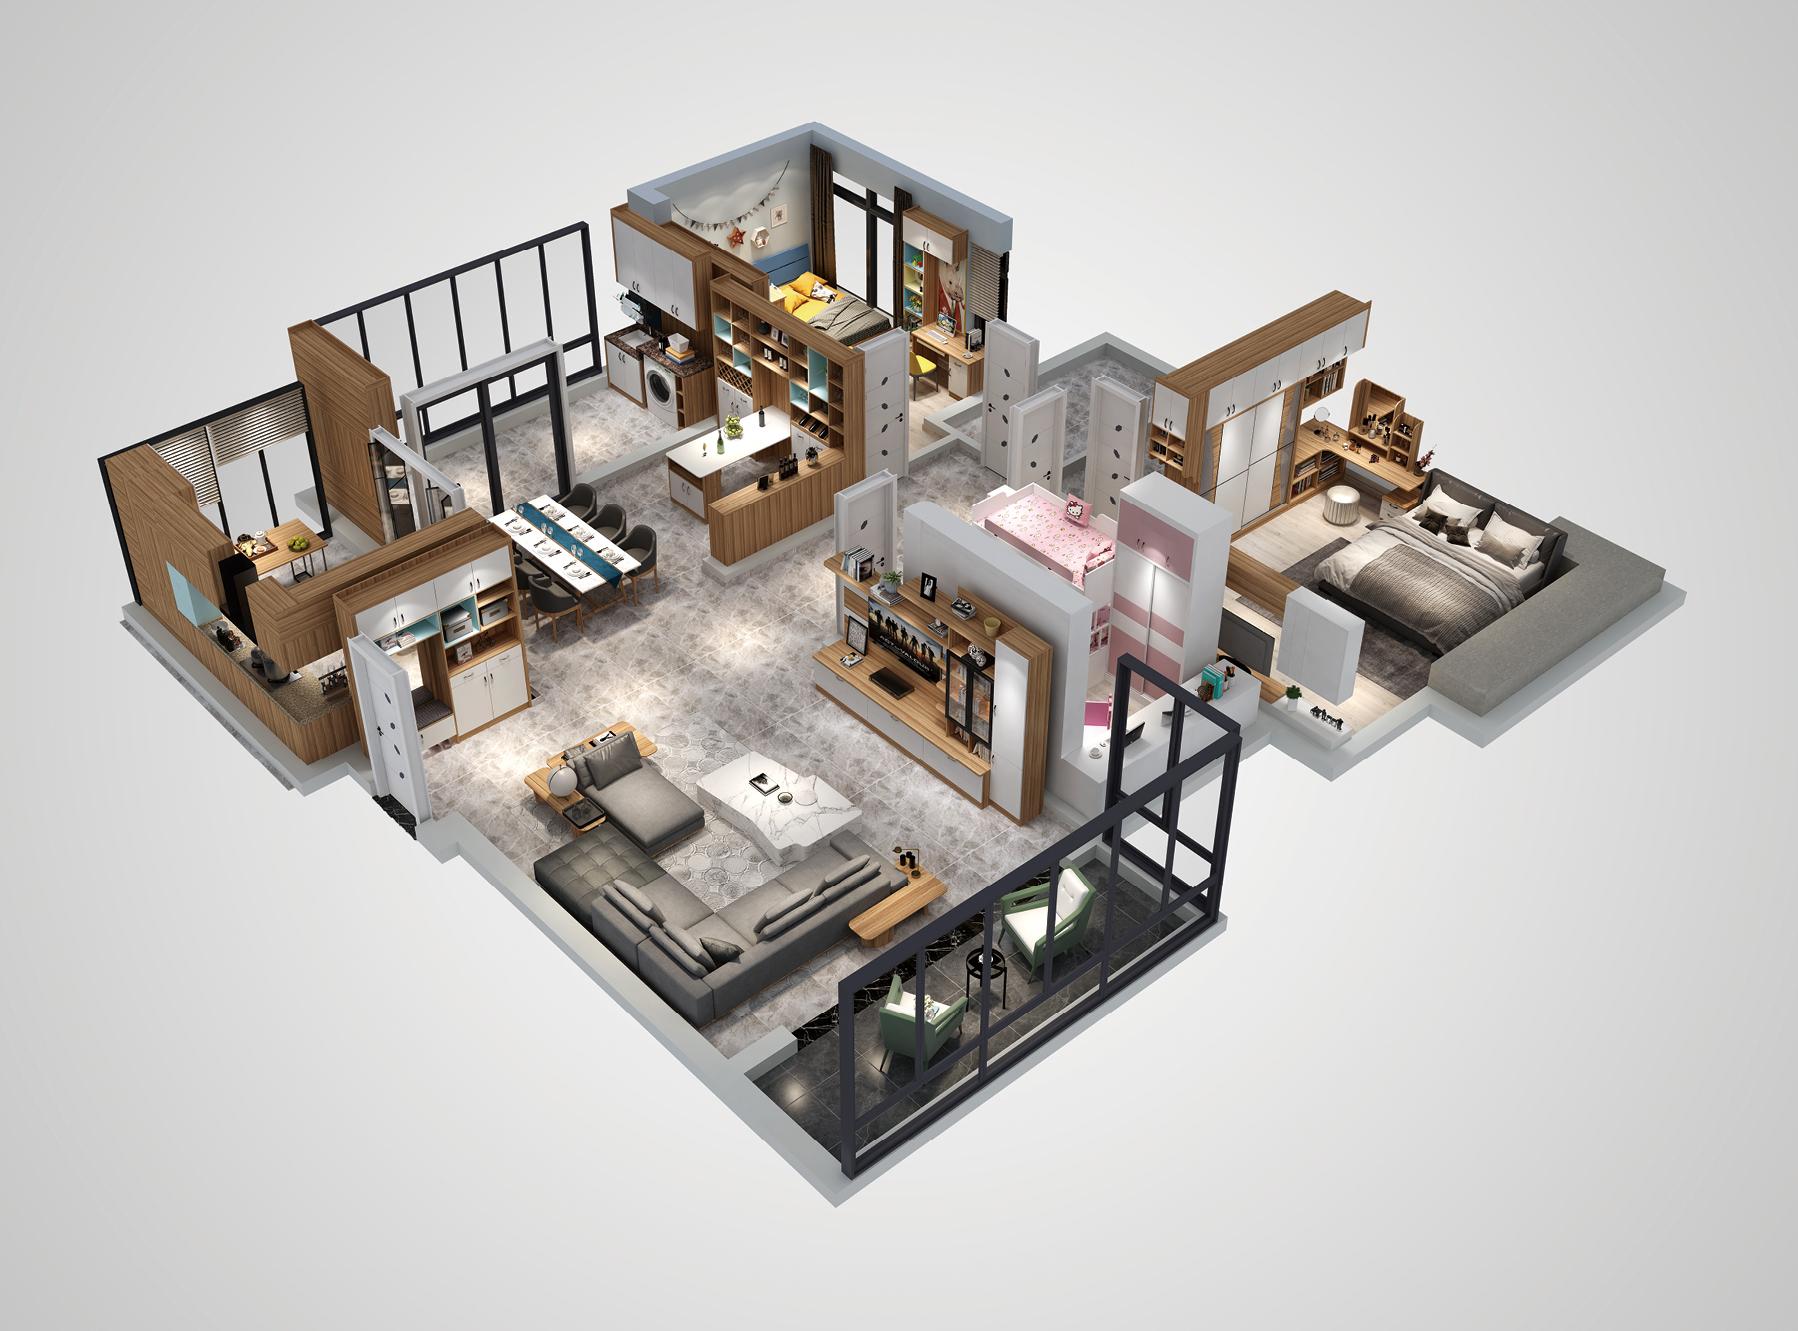 什么是全屋定制?全屋定制包括什么家具?